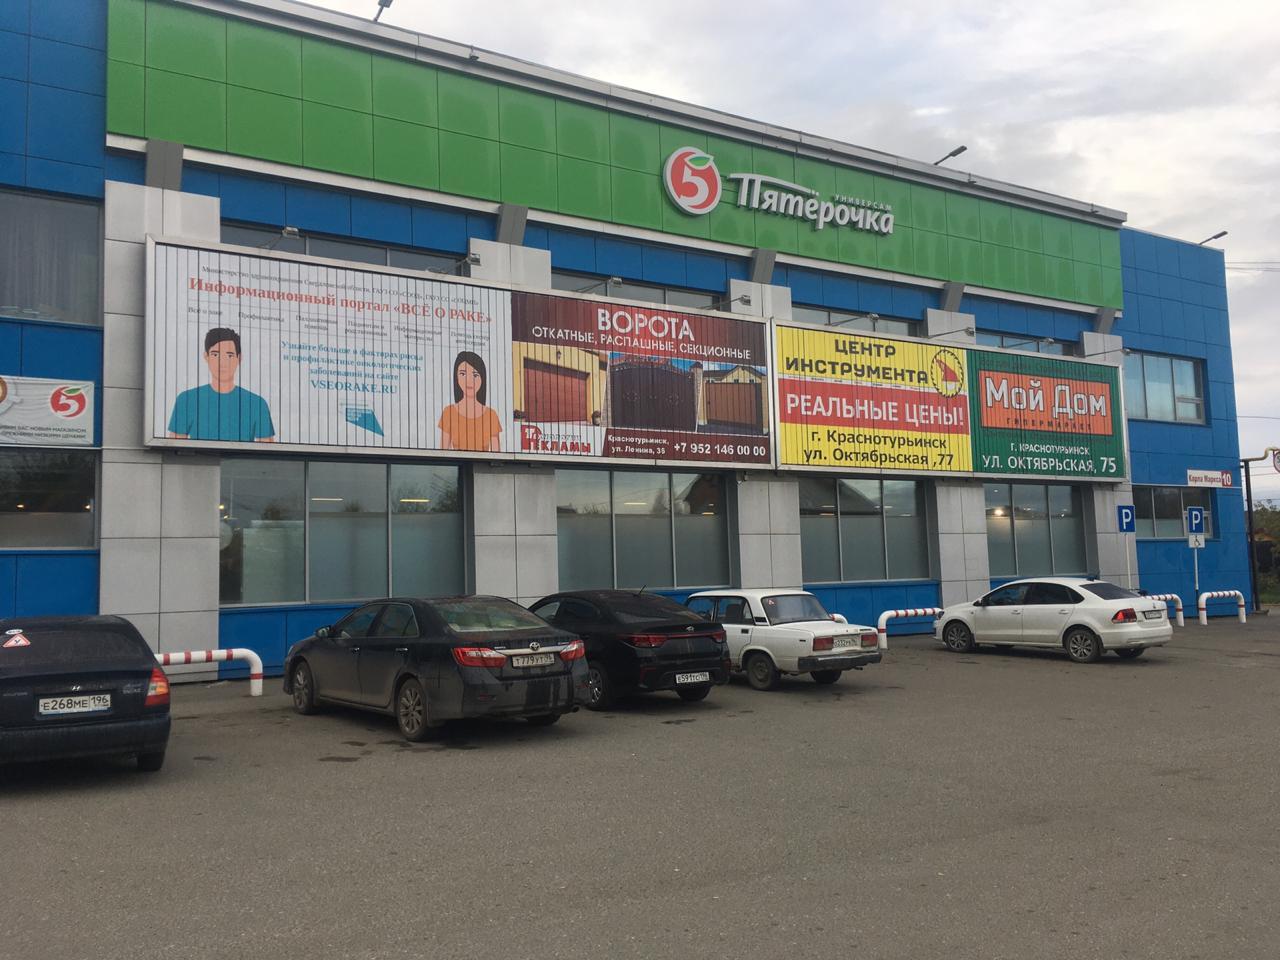 Аренда рекламных конструкций в городе Краснотурьинск